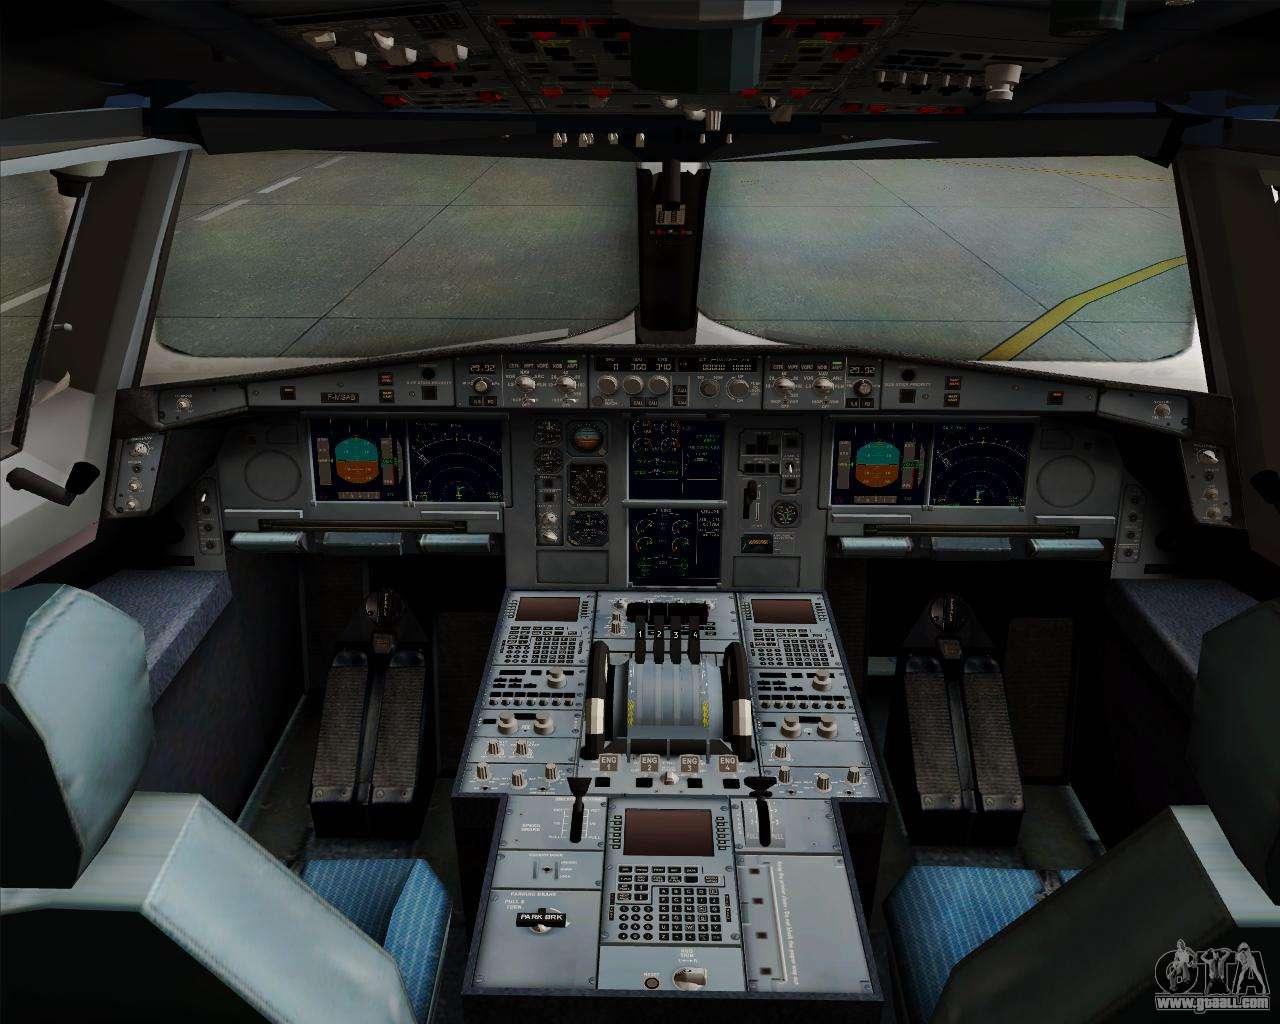 eminem a380 airbus interior - photo #45